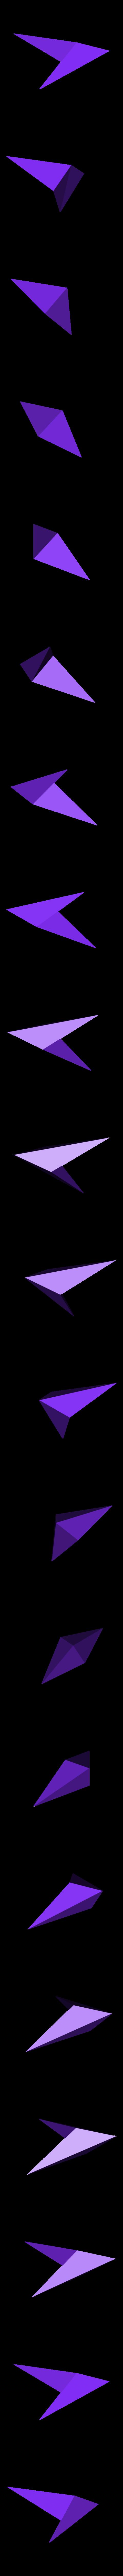 TipB.STL Télécharger fichier STL gratuit La baguette de Marco • Plan pour imprimante 3D, Vexelius